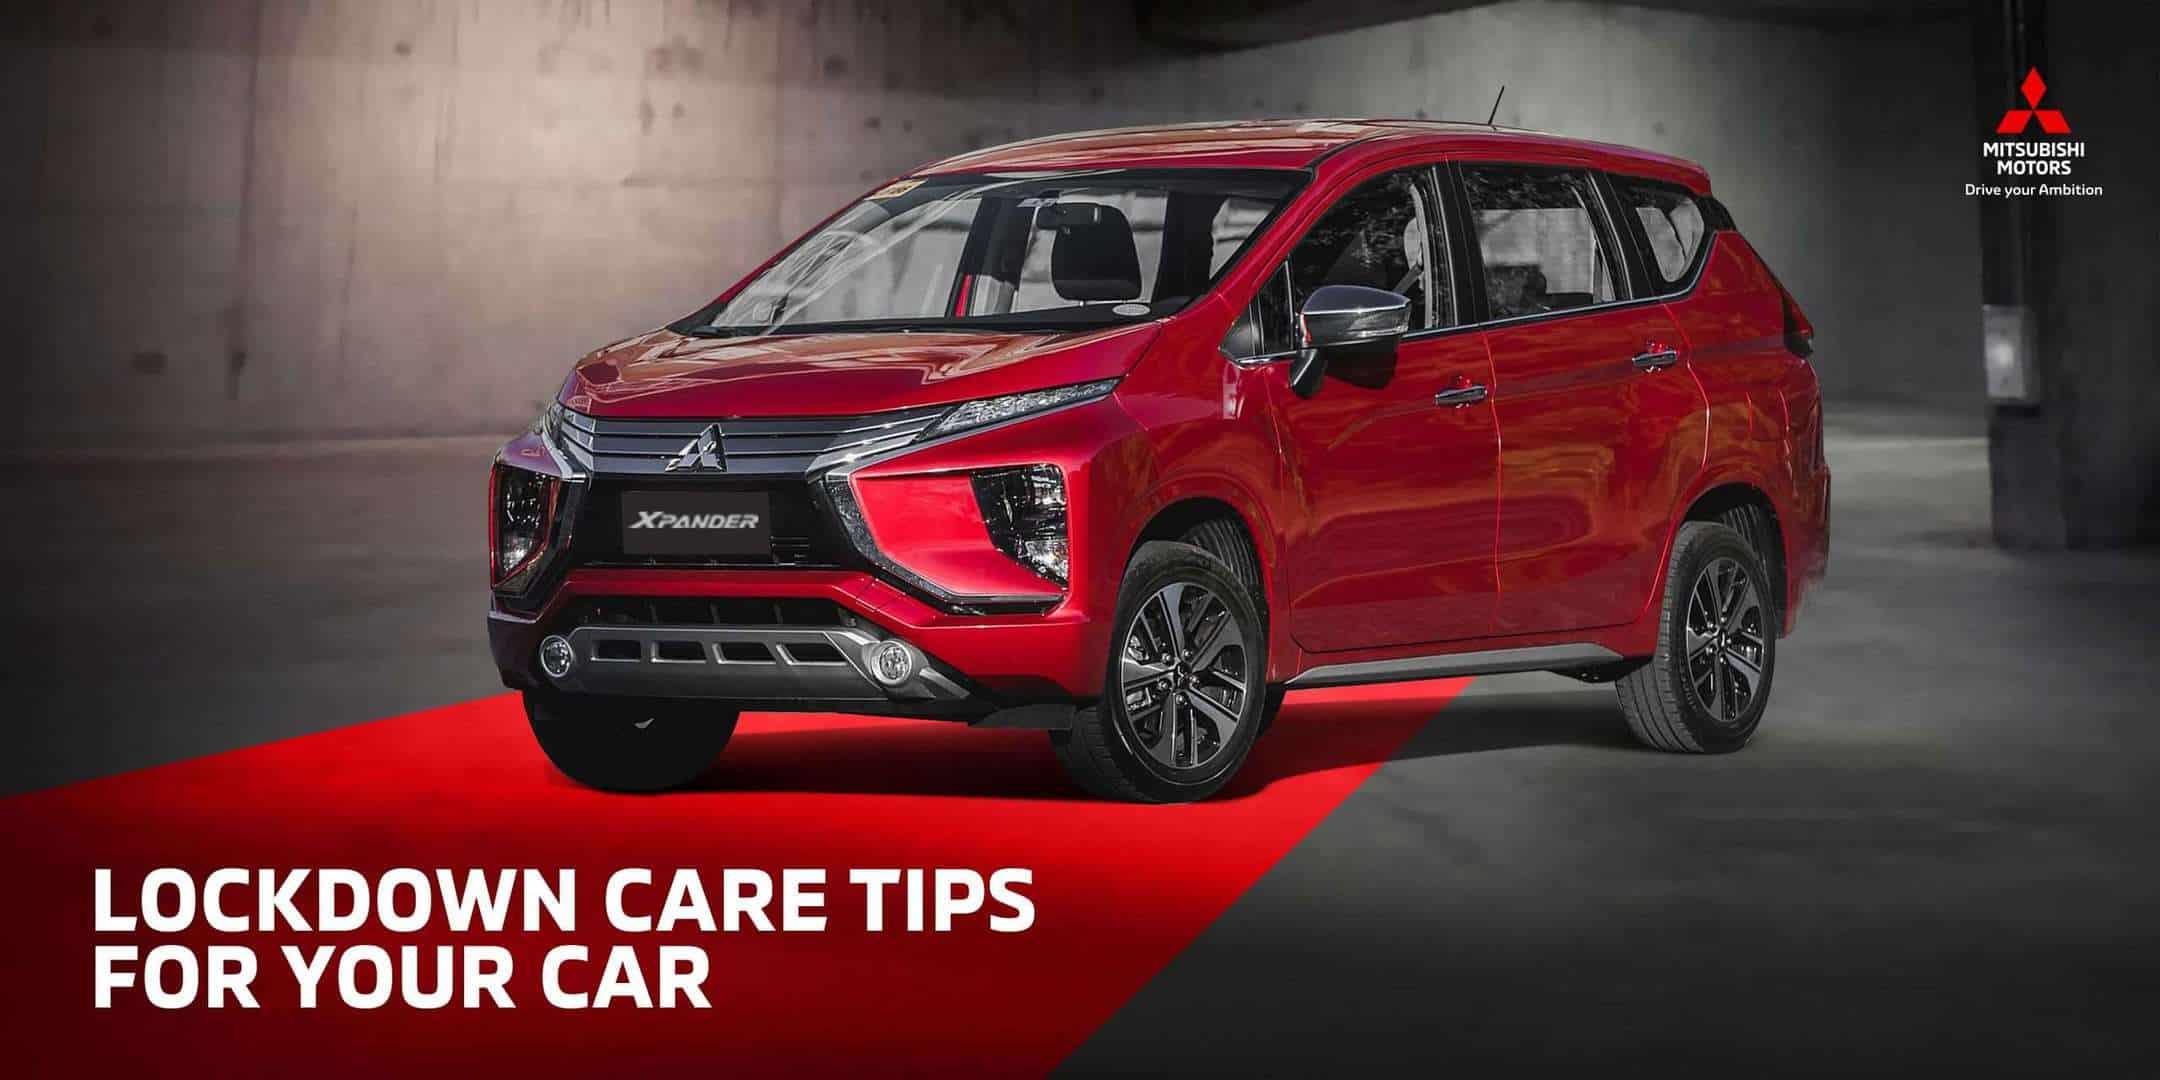 Car care tips Thumbnail scaled Brand New Car Mitsubishi Bangladesh